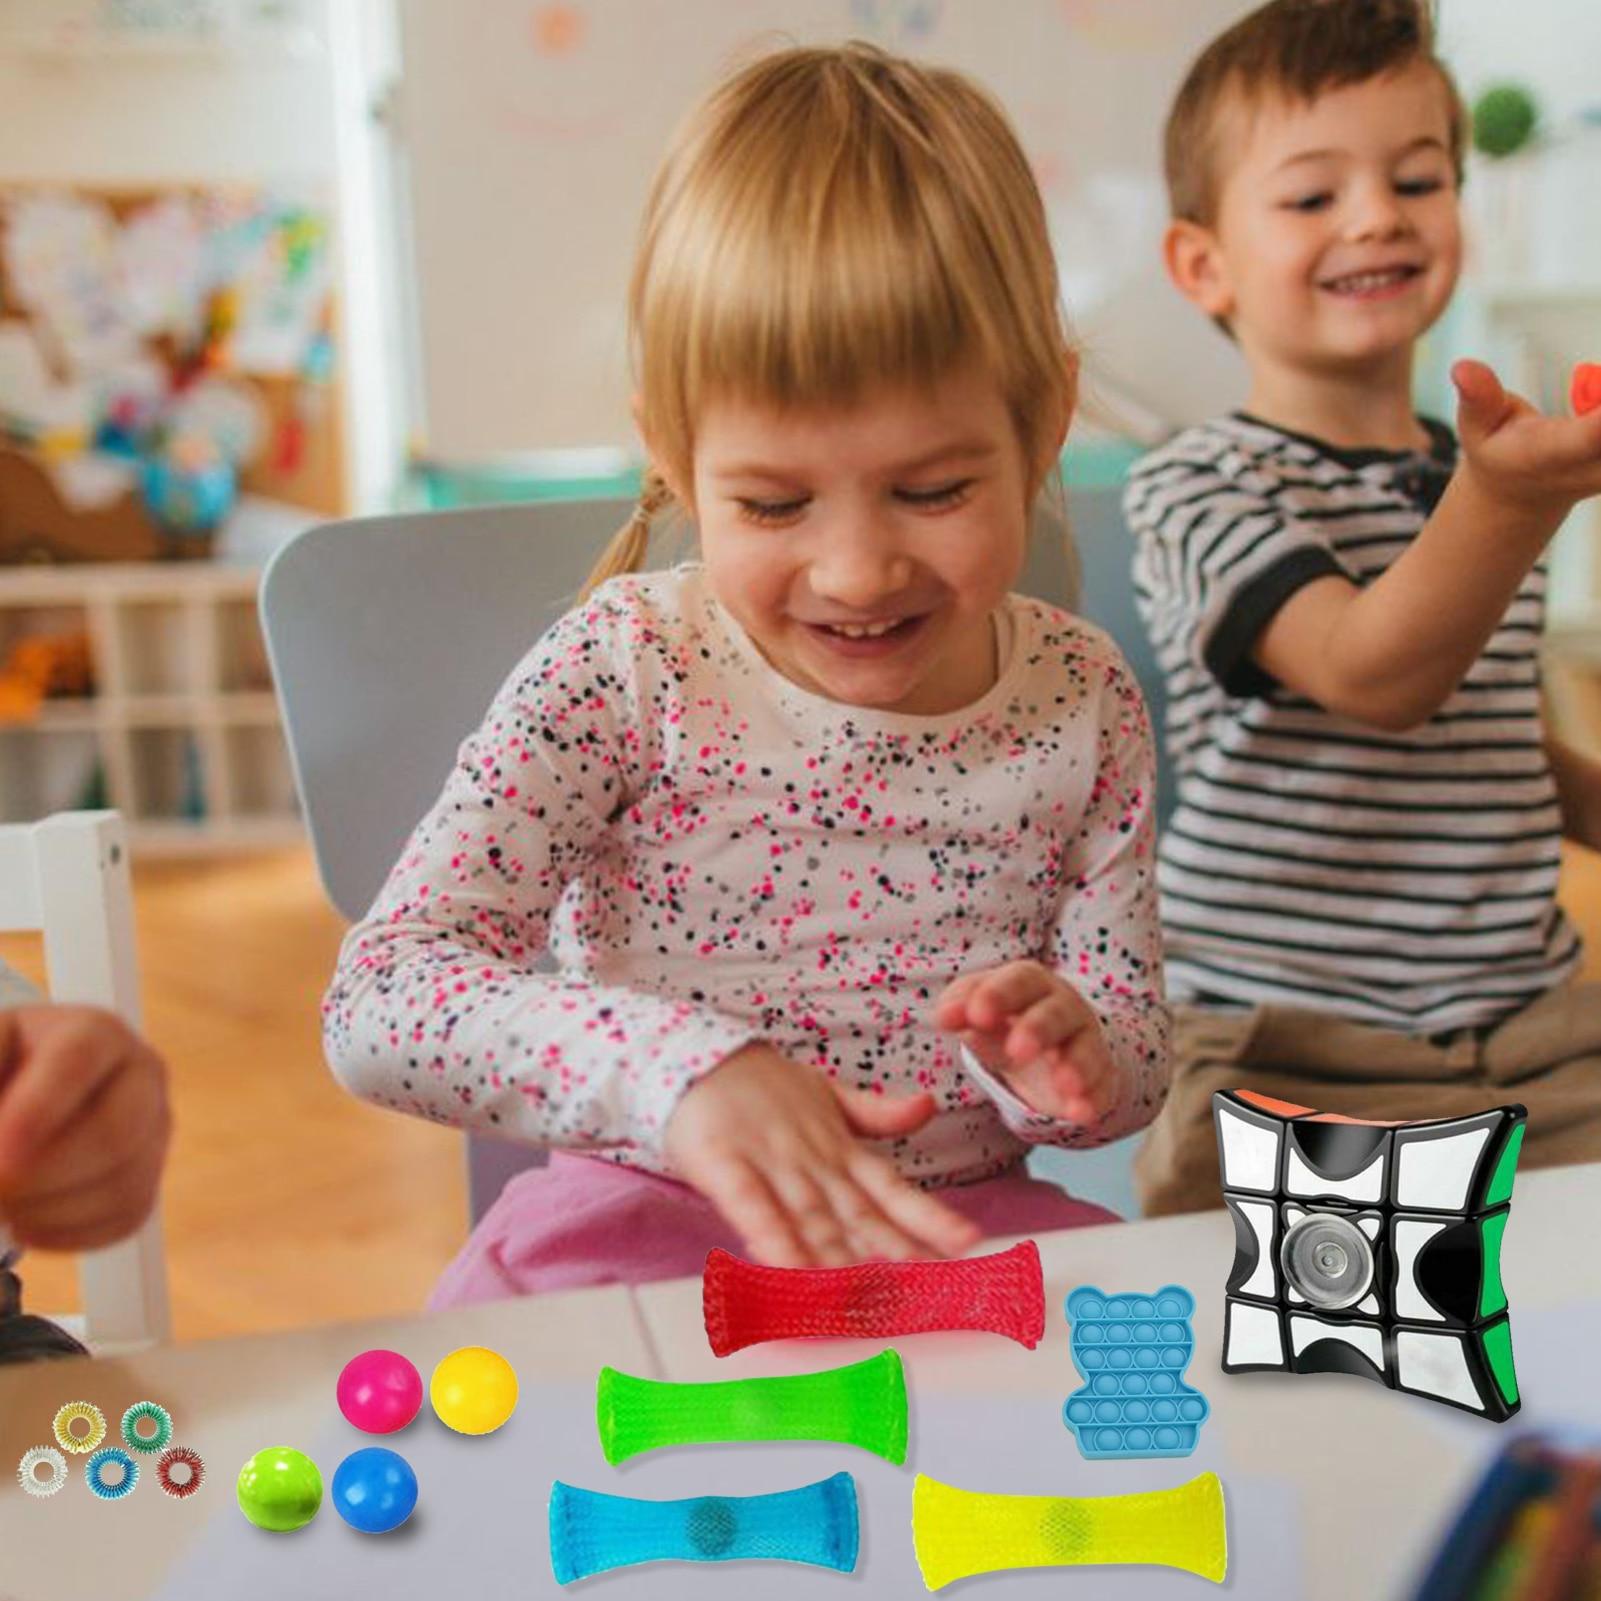 18Pcs/Set Stress Relief Push Pop Bubble Sensory Toys Antistress Fidget Toys Decompression Fidget Toys for Kids Adult Party Gift enlarge